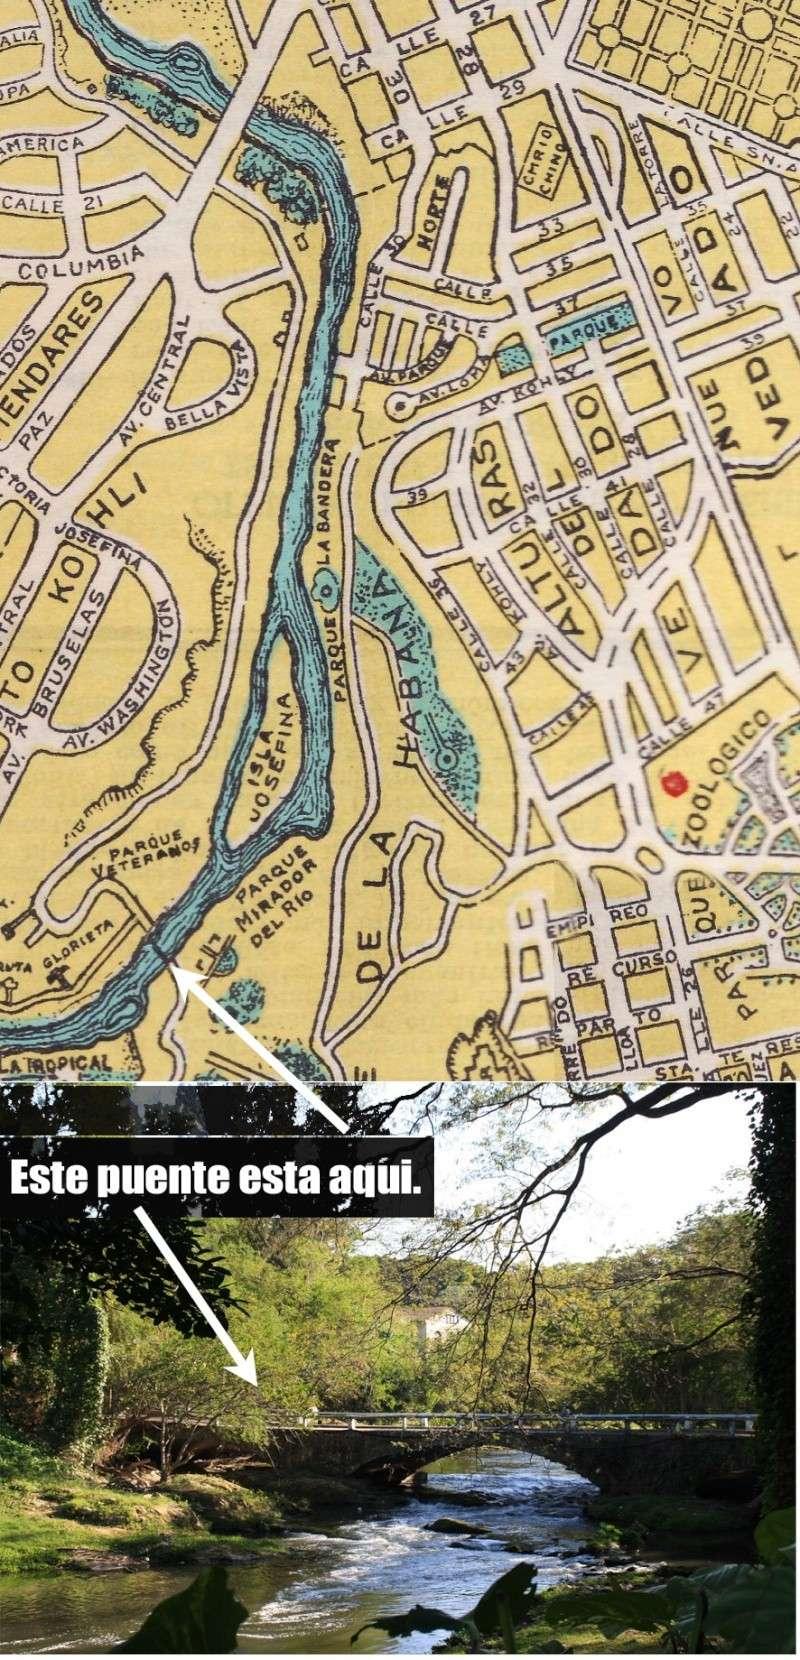 1958 - FOTOS DE CUBA ! SOLAMENTES DE ANTES DEL 1958 !!!! - Página 30 Puente12